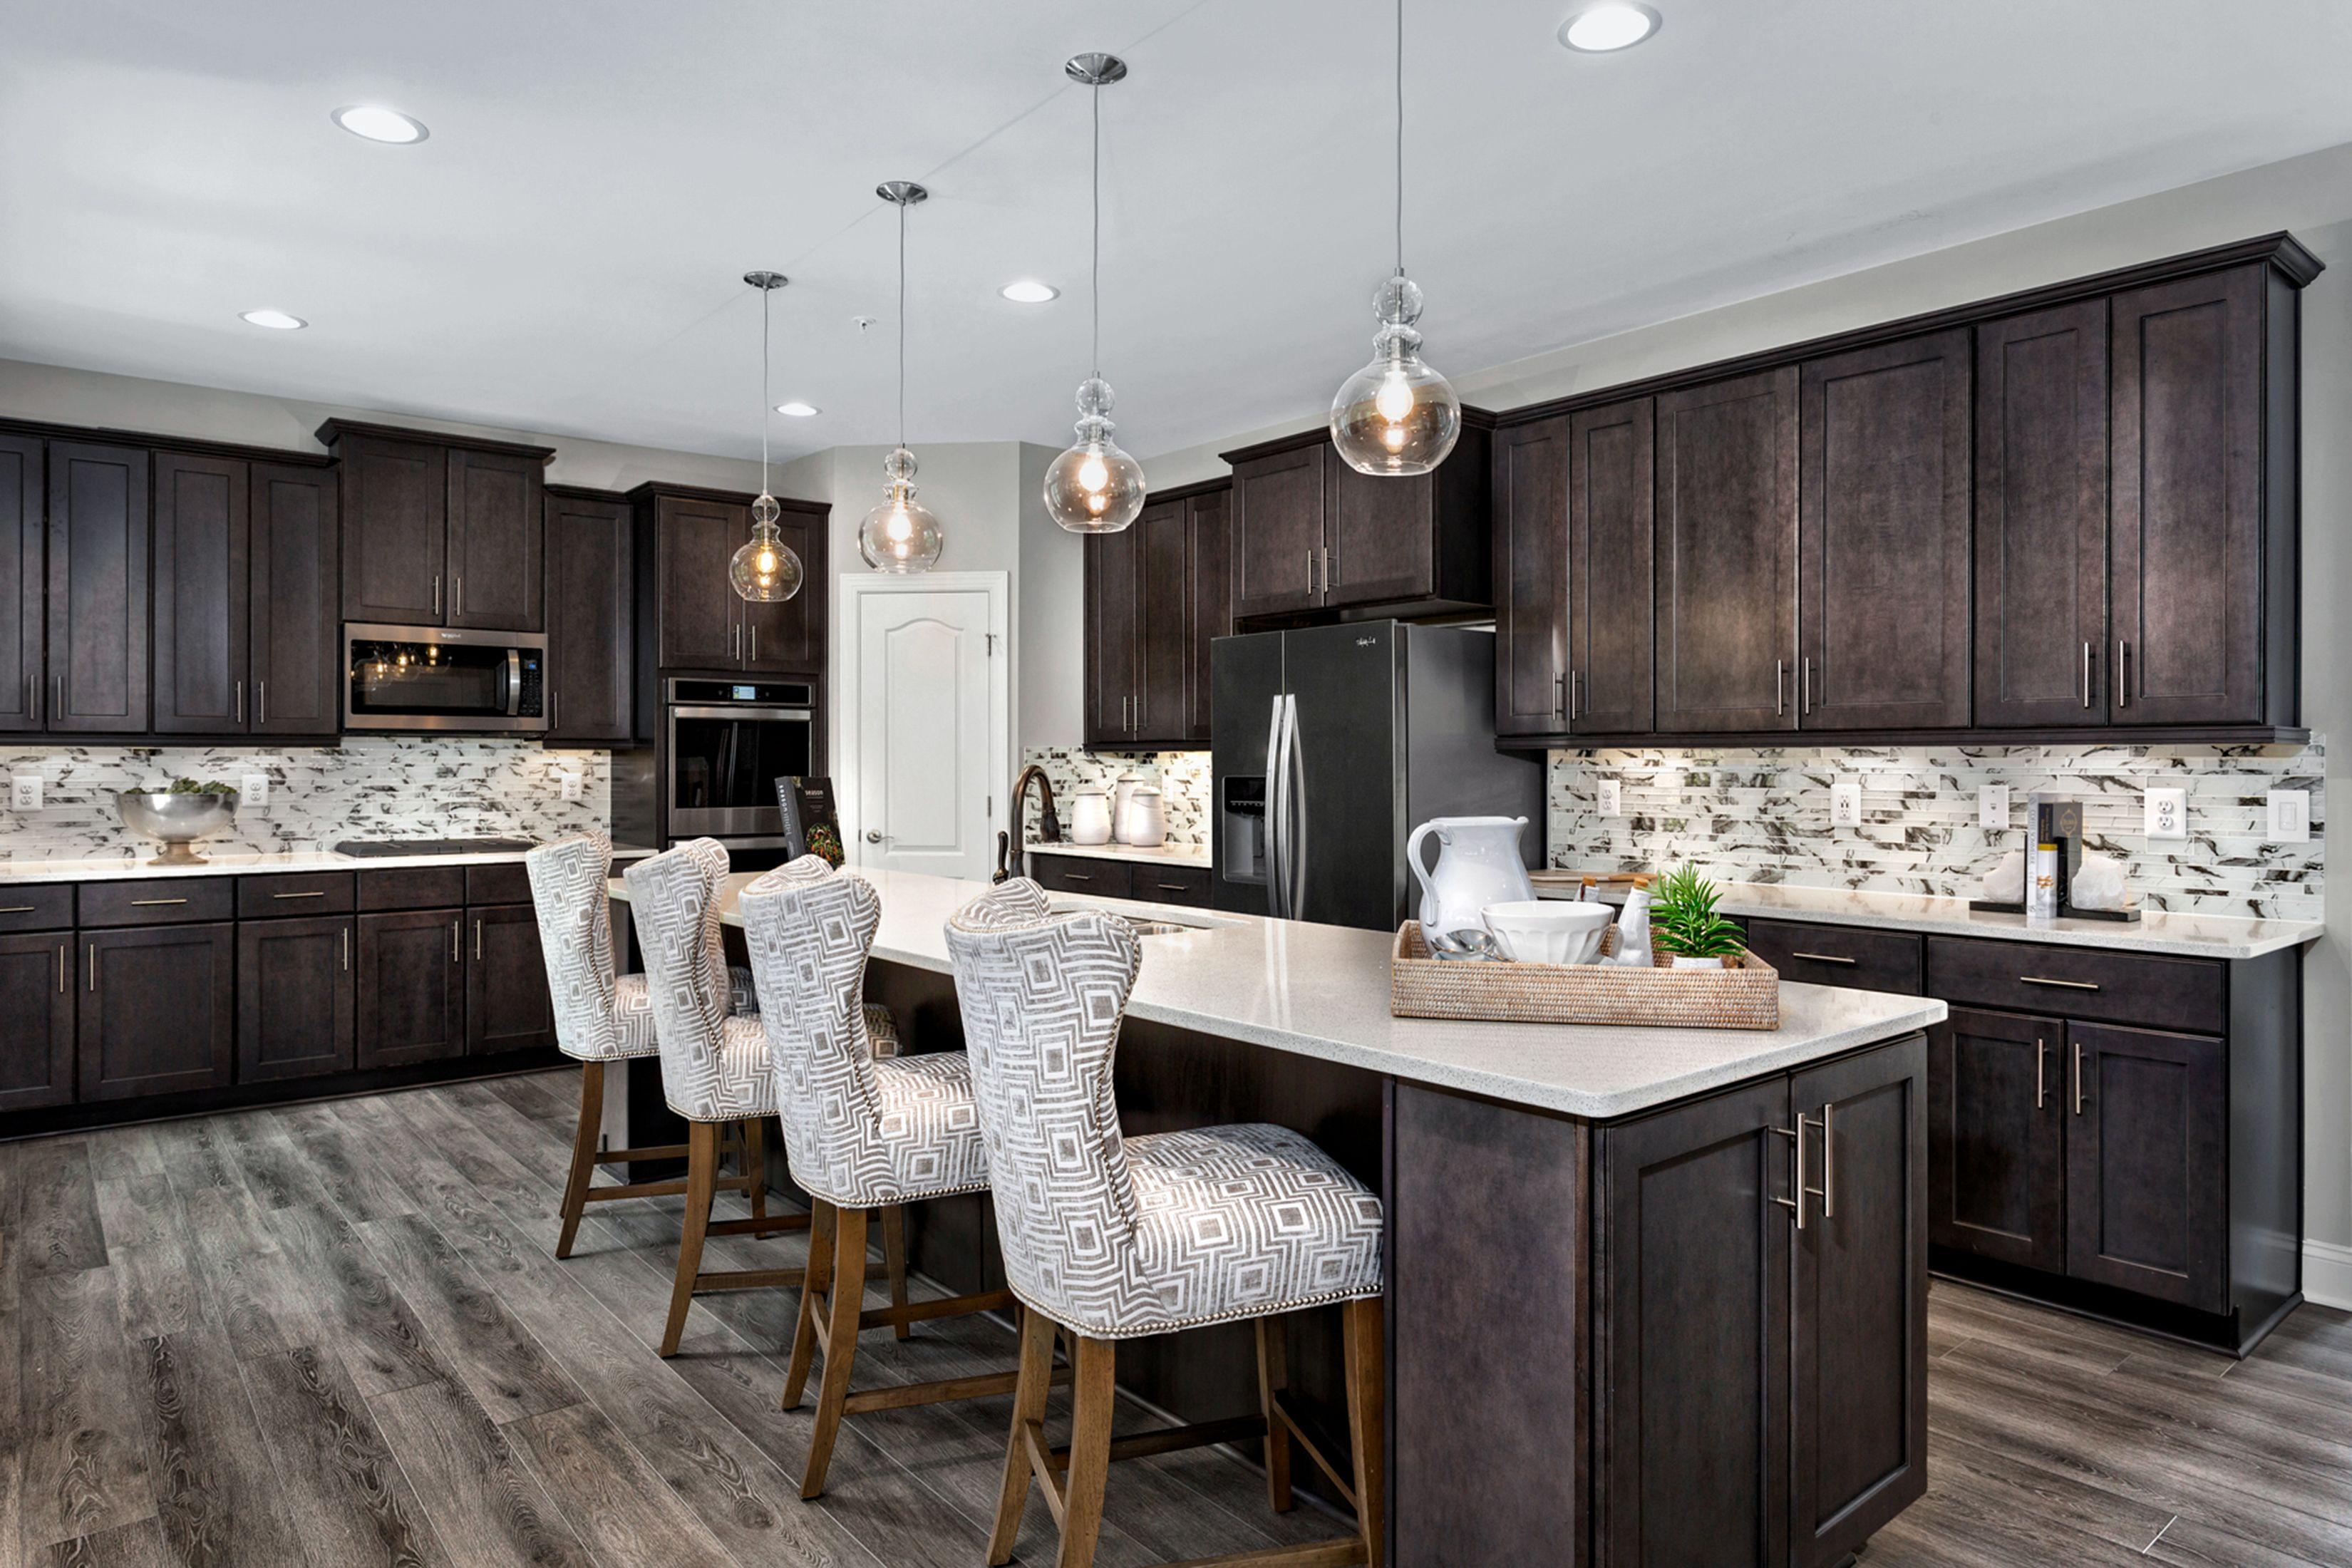 Kitchen featured in the Oakdale II By Dan Ryan Builders in Hagerstown, MD